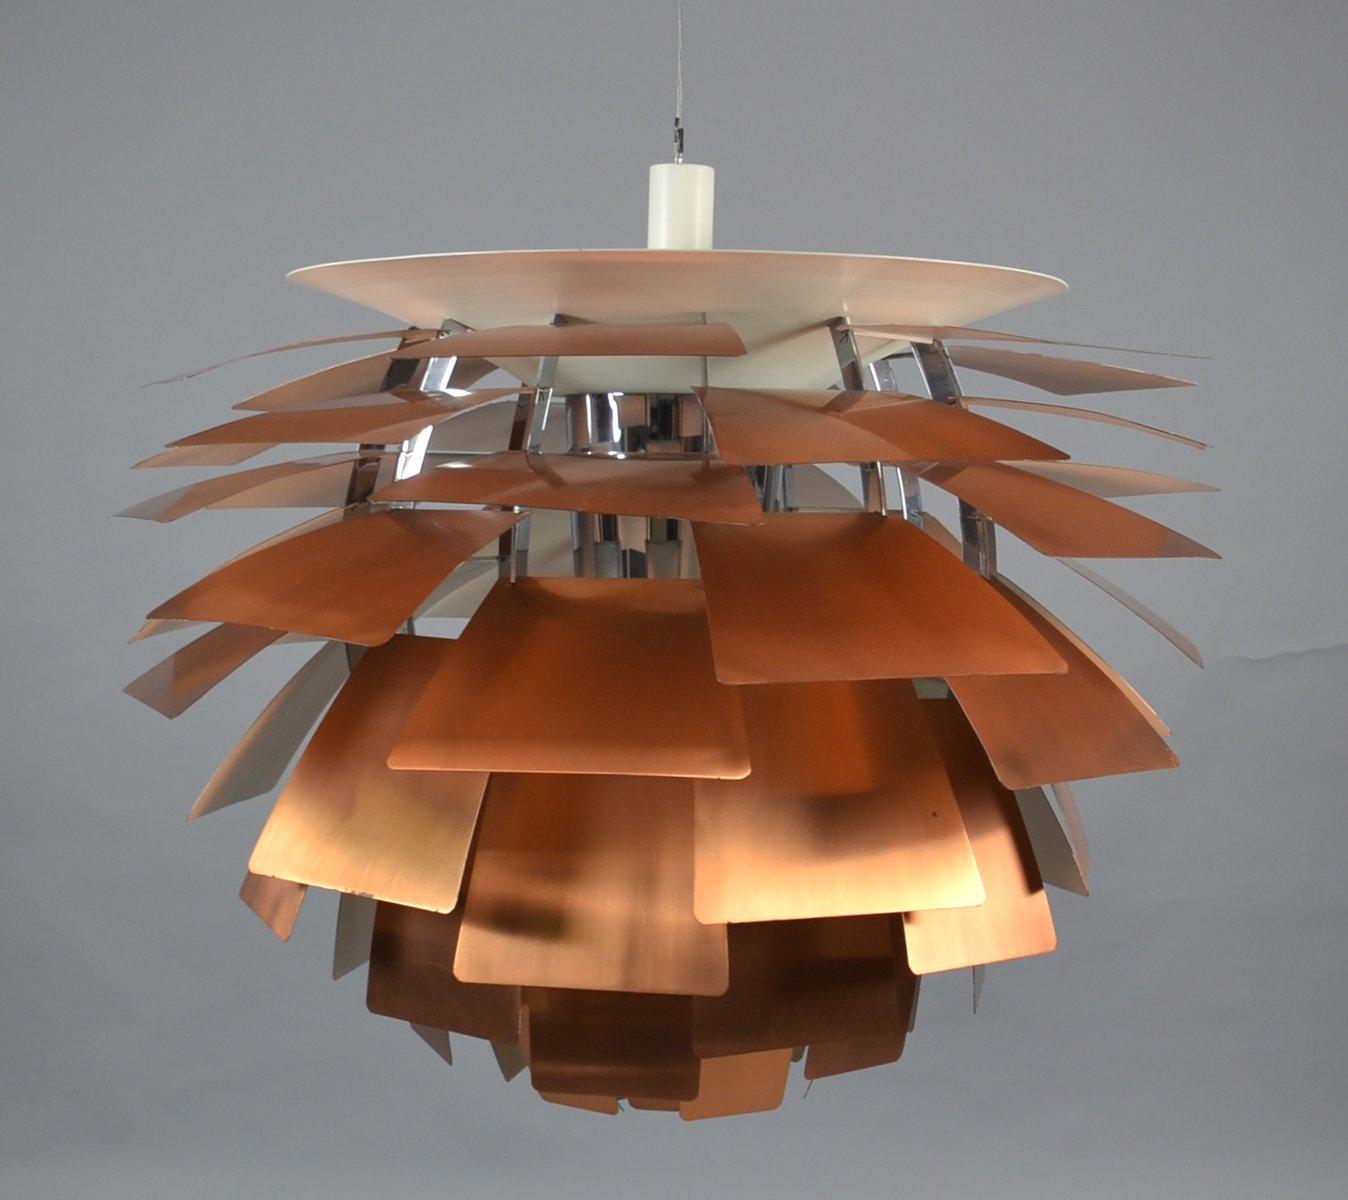 lampe ph artichoke mid century en cuivre par poul henningsen pour louis poulsen en vente sur pamono. Black Bedroom Furniture Sets. Home Design Ideas